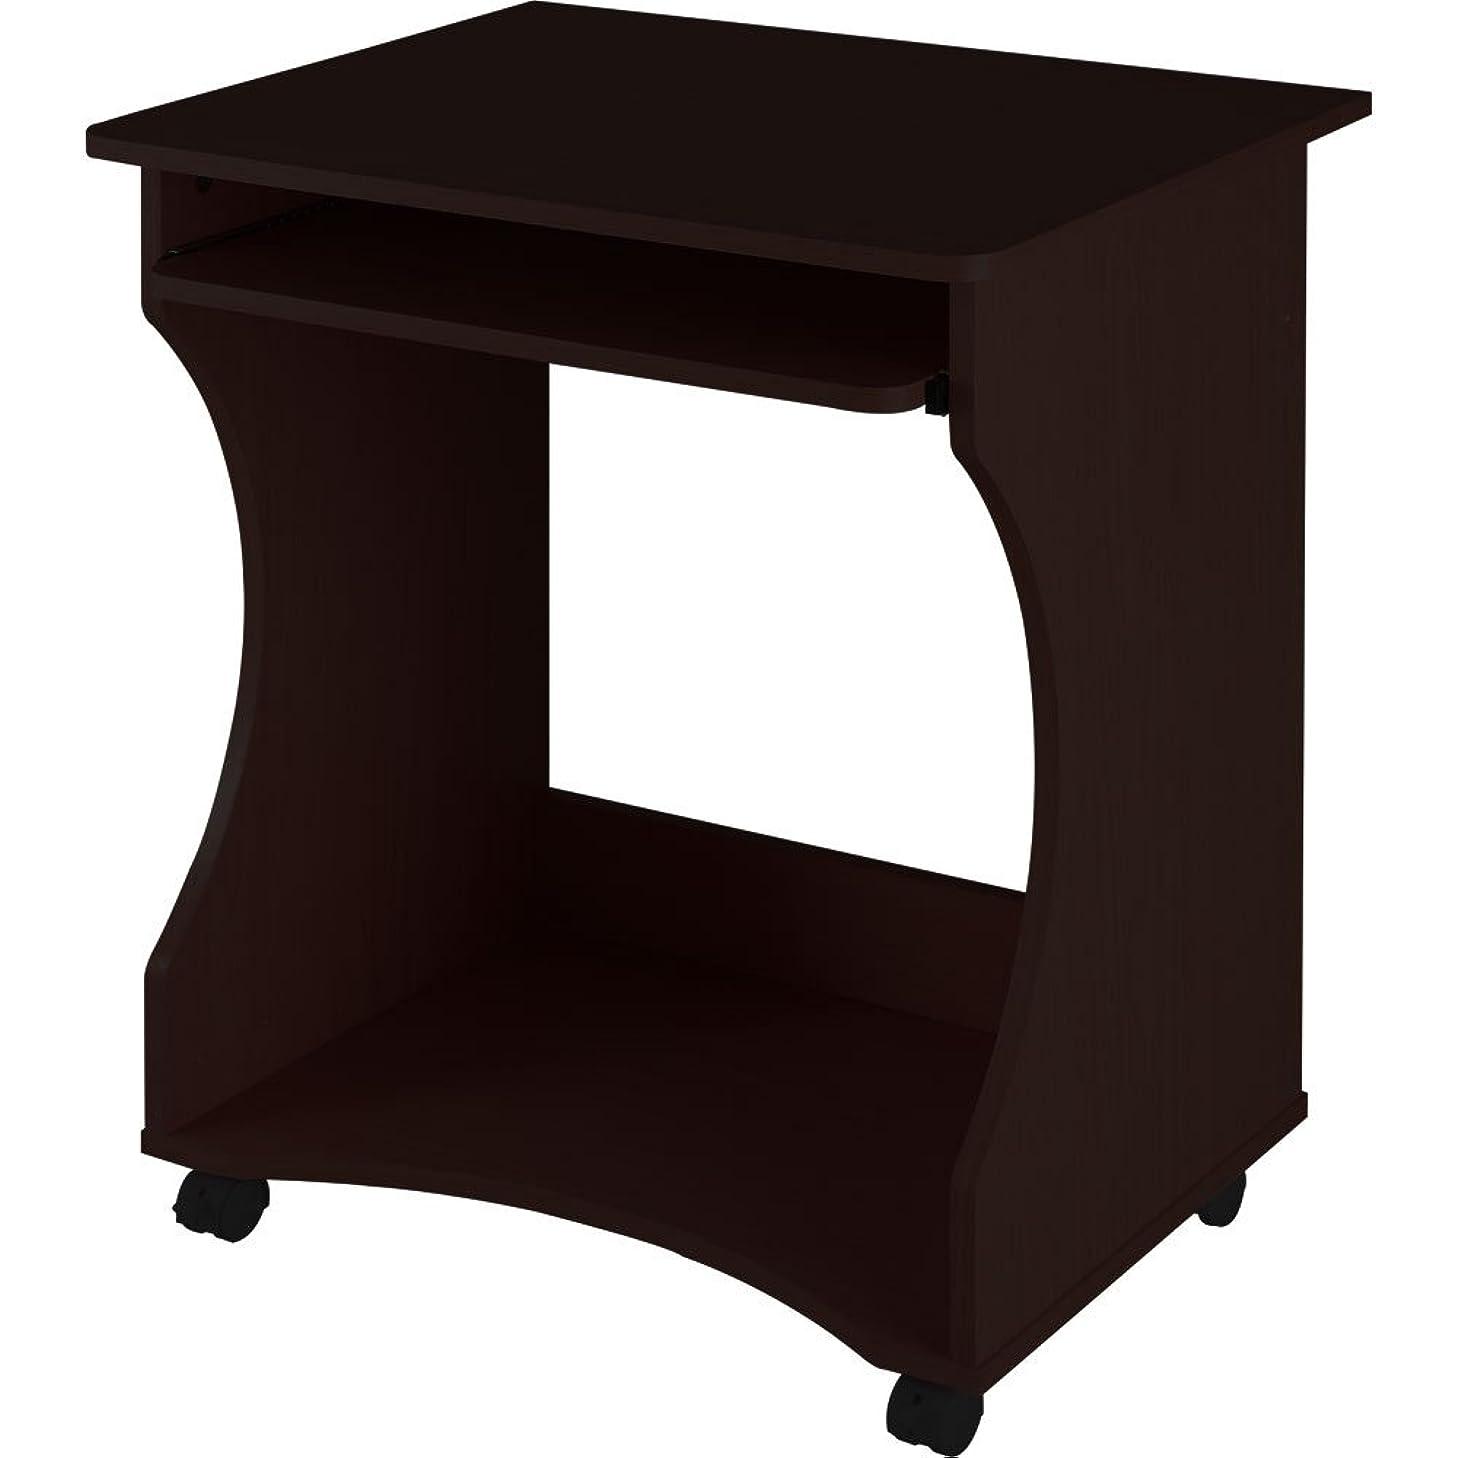 特権的受益者失望ぼん家具 PCデスク パソコンラック プリンター台 キャスター付 木製 幅60cm ダークブラウン